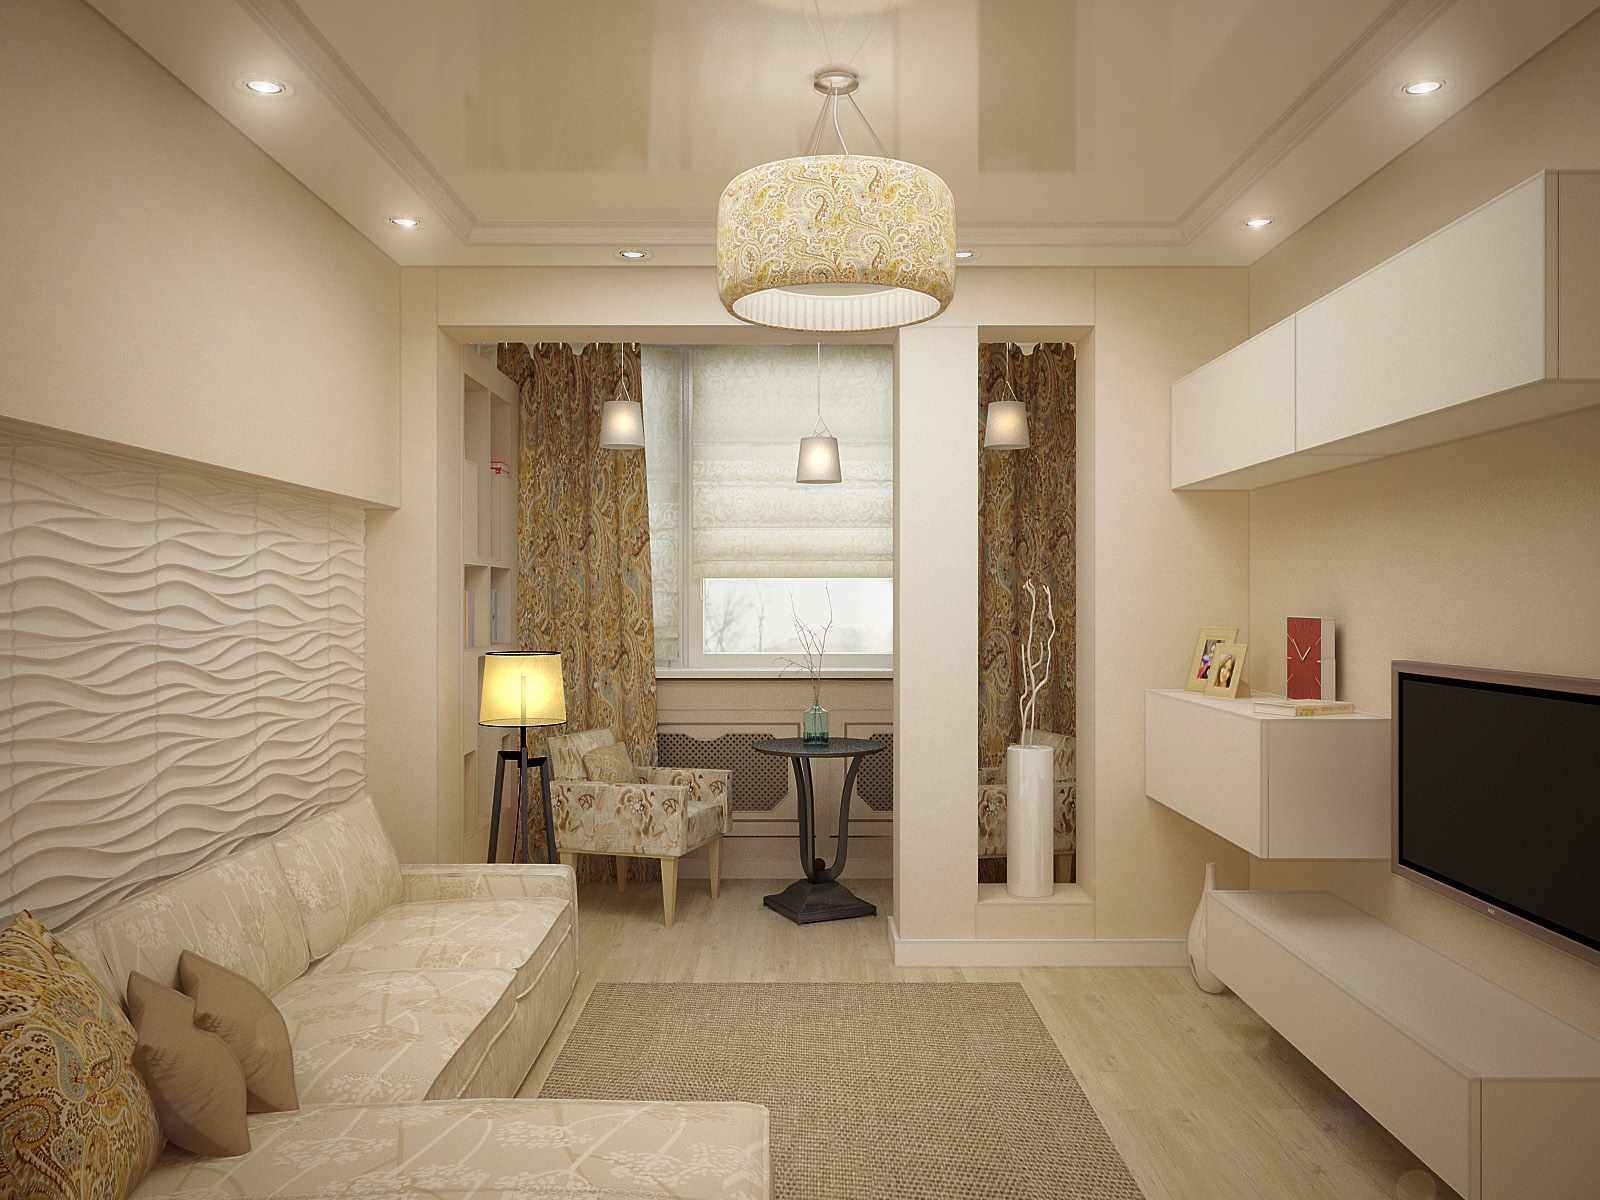 l'idée d'un design lumineux d'un séjour de 17 m²